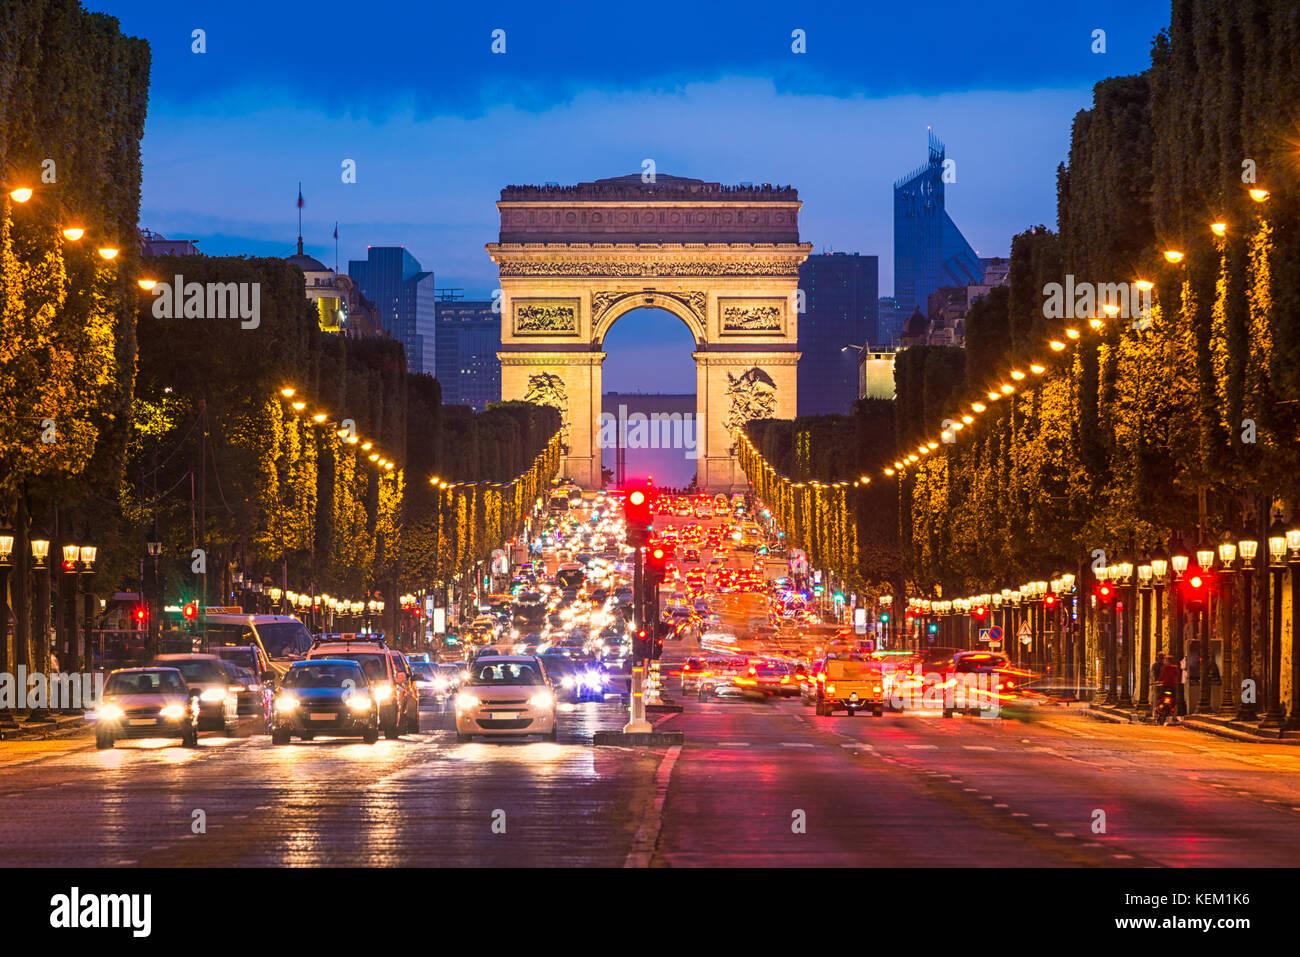 Avenue des Champs Elysees and Arc de Triomphe at night, Paris - Stock Image